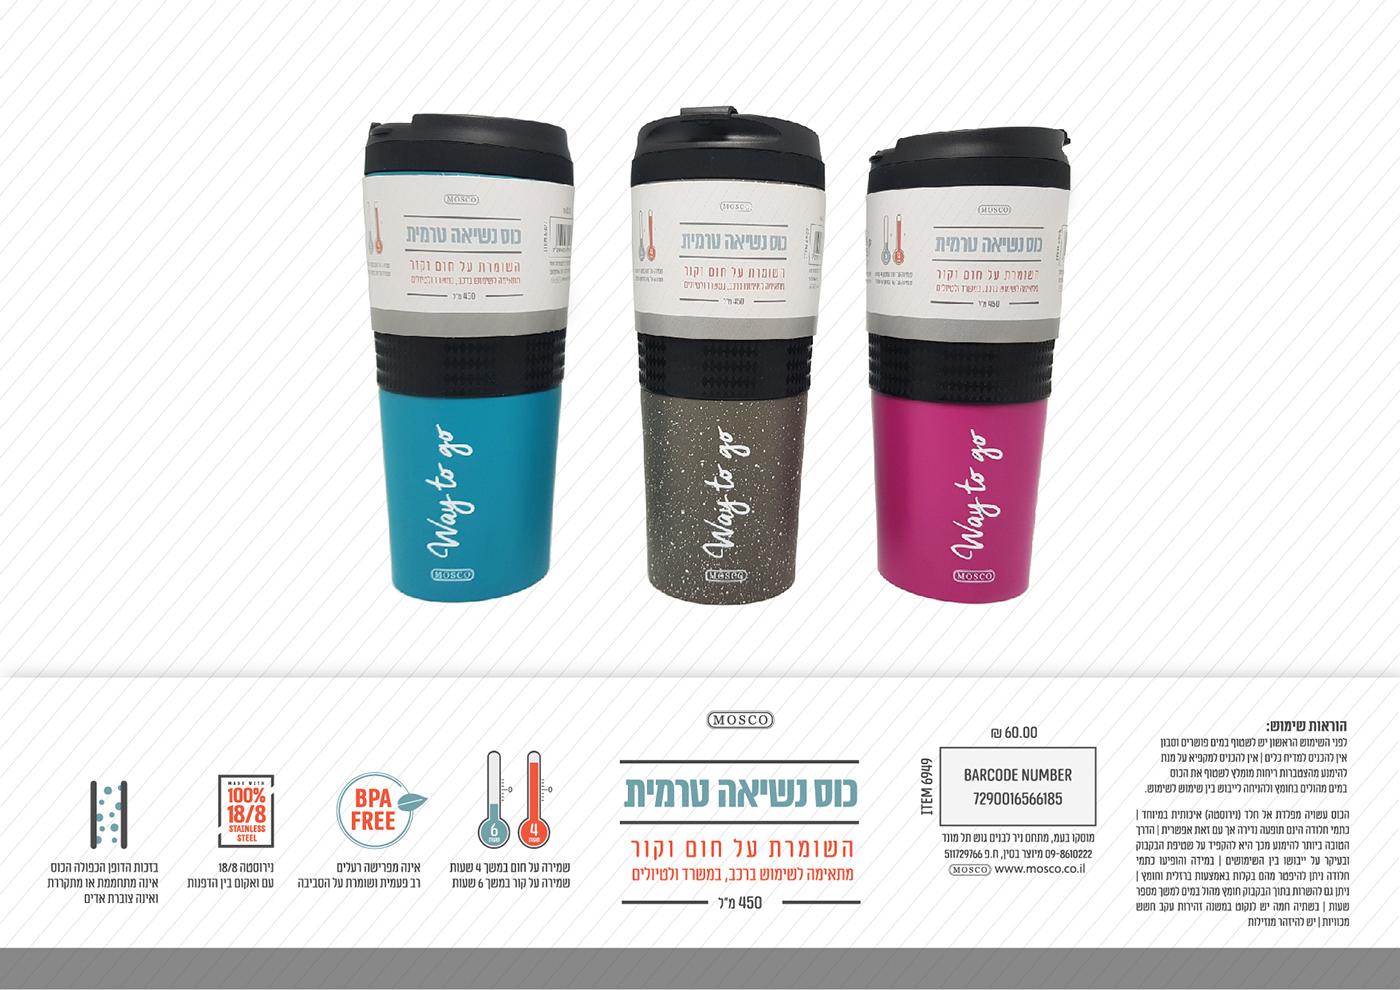 מוסקו, עיצוב לייבל, כוס טרמית, עיצוב אריזות, טיקט לכוס